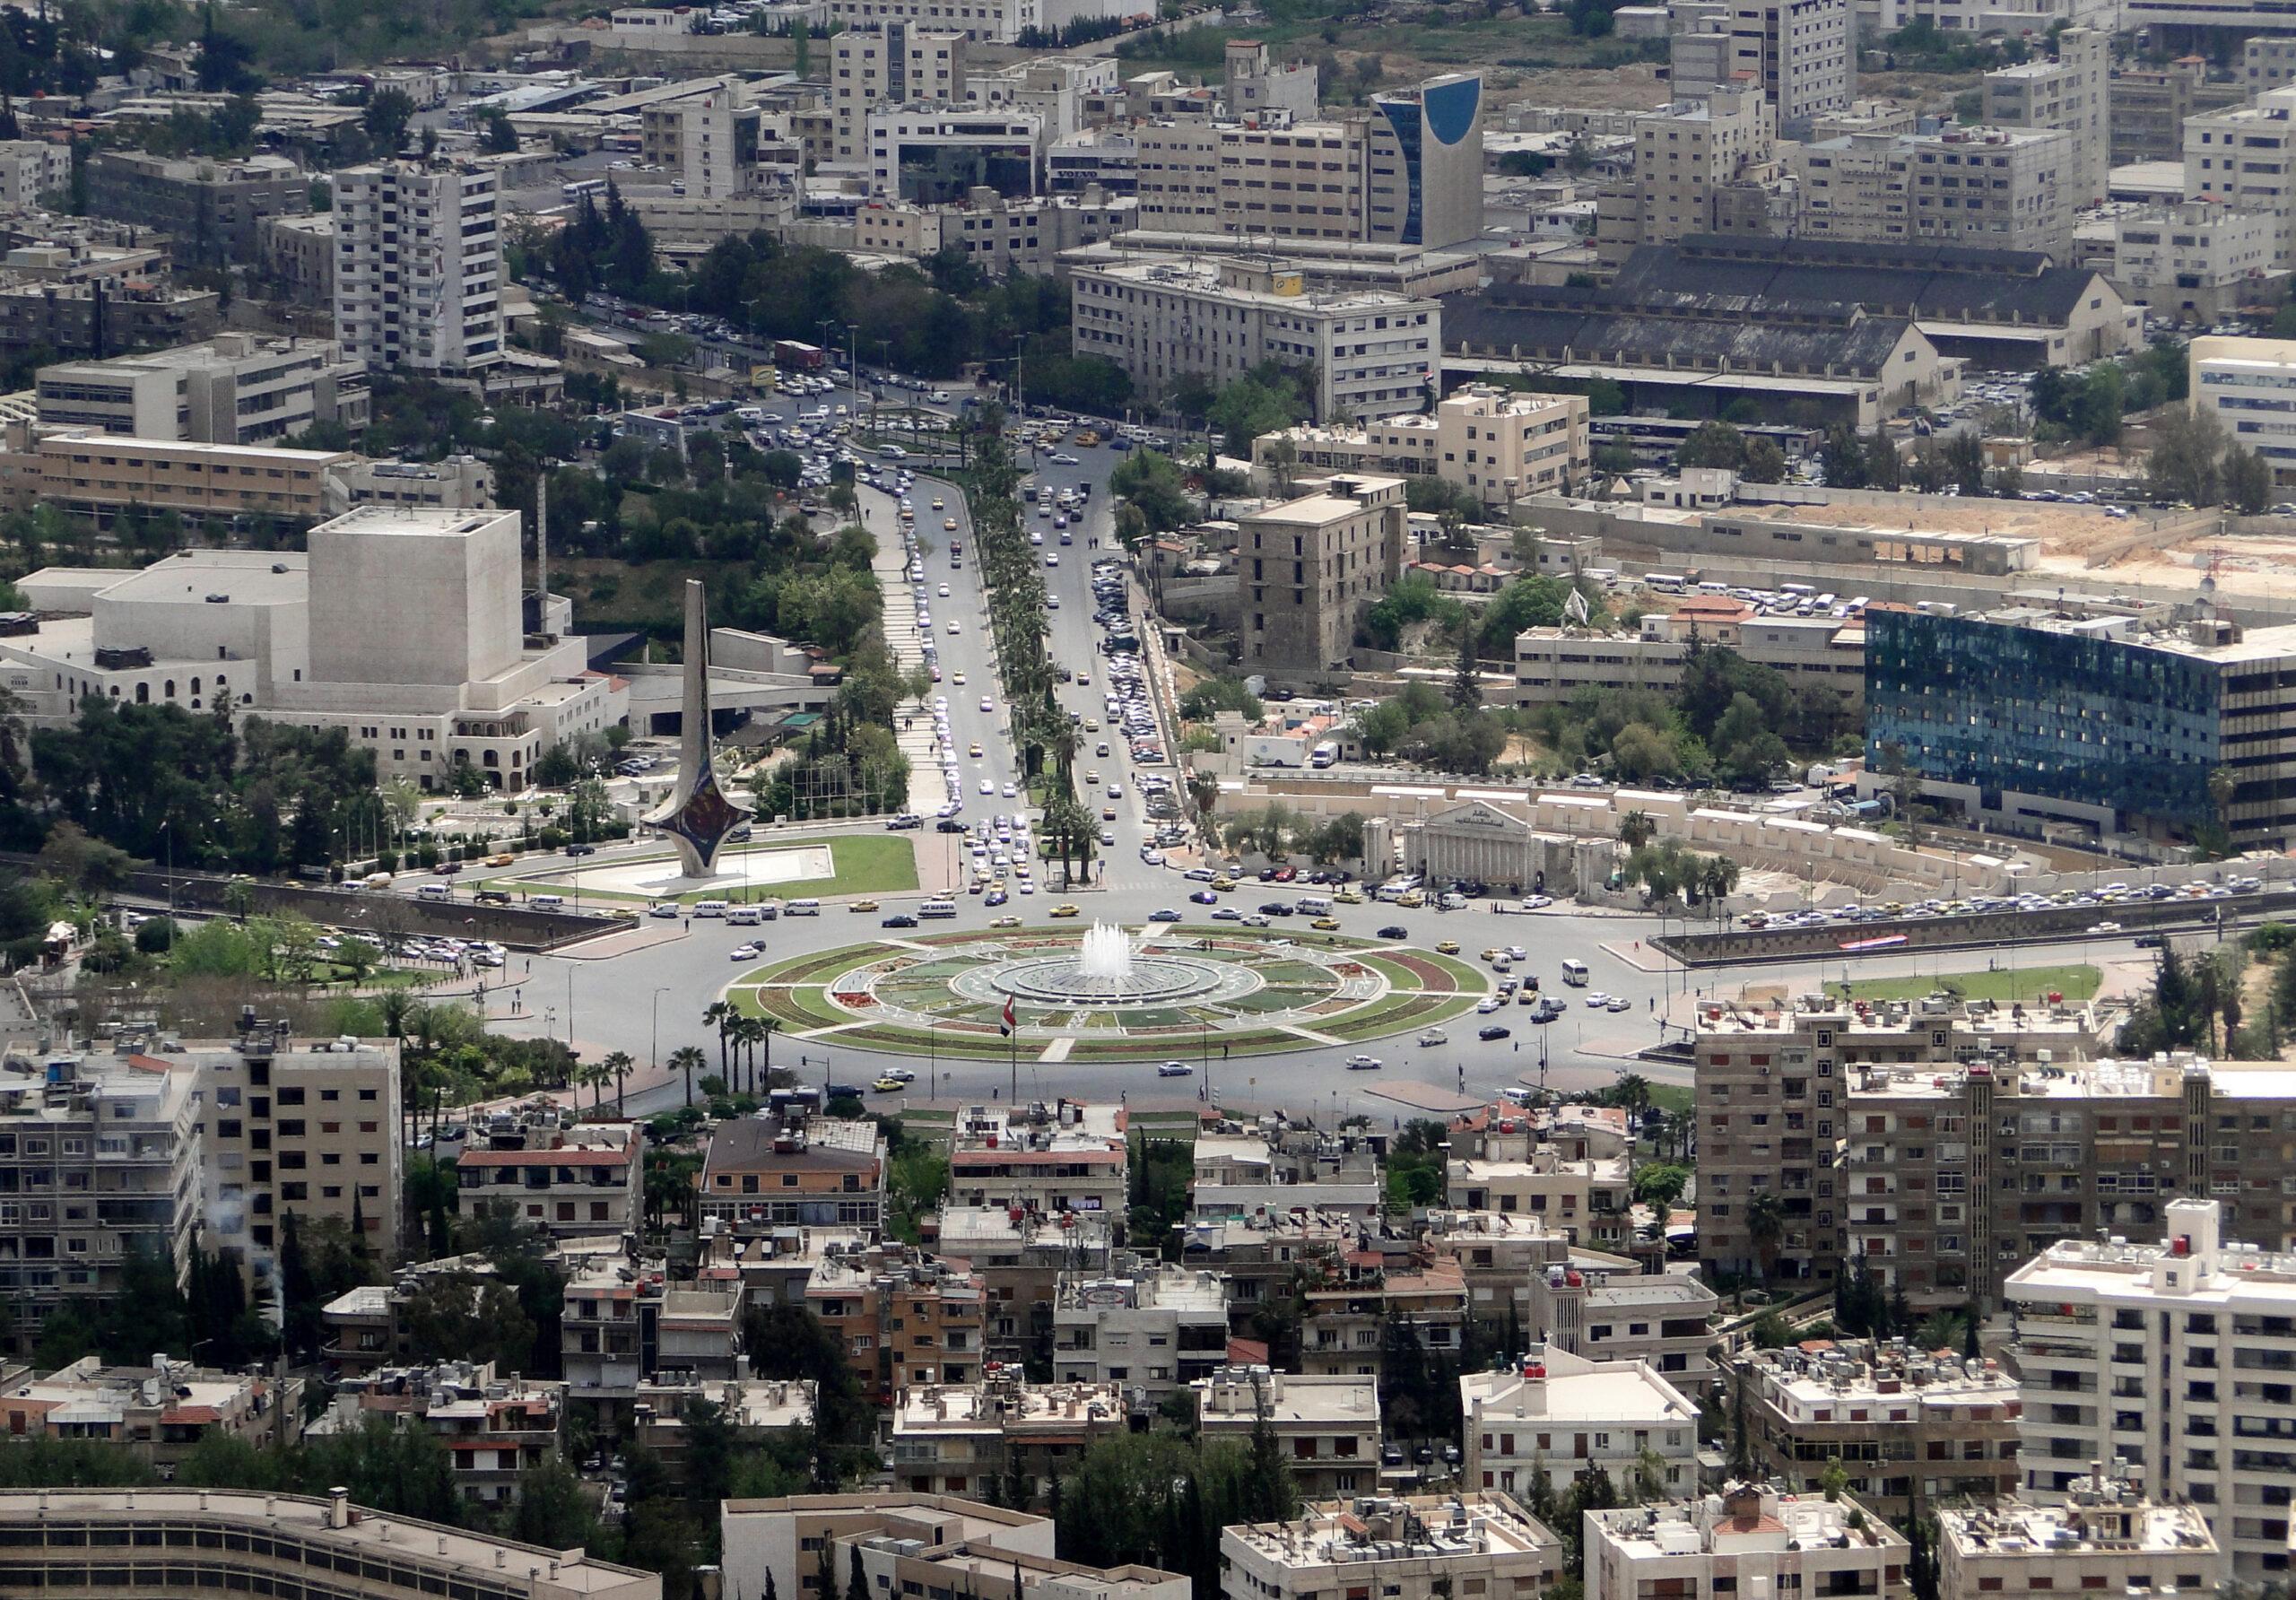 تراجع القوة الشرائية وعقوبات القانون الجديد تقلق التجار في سوريا